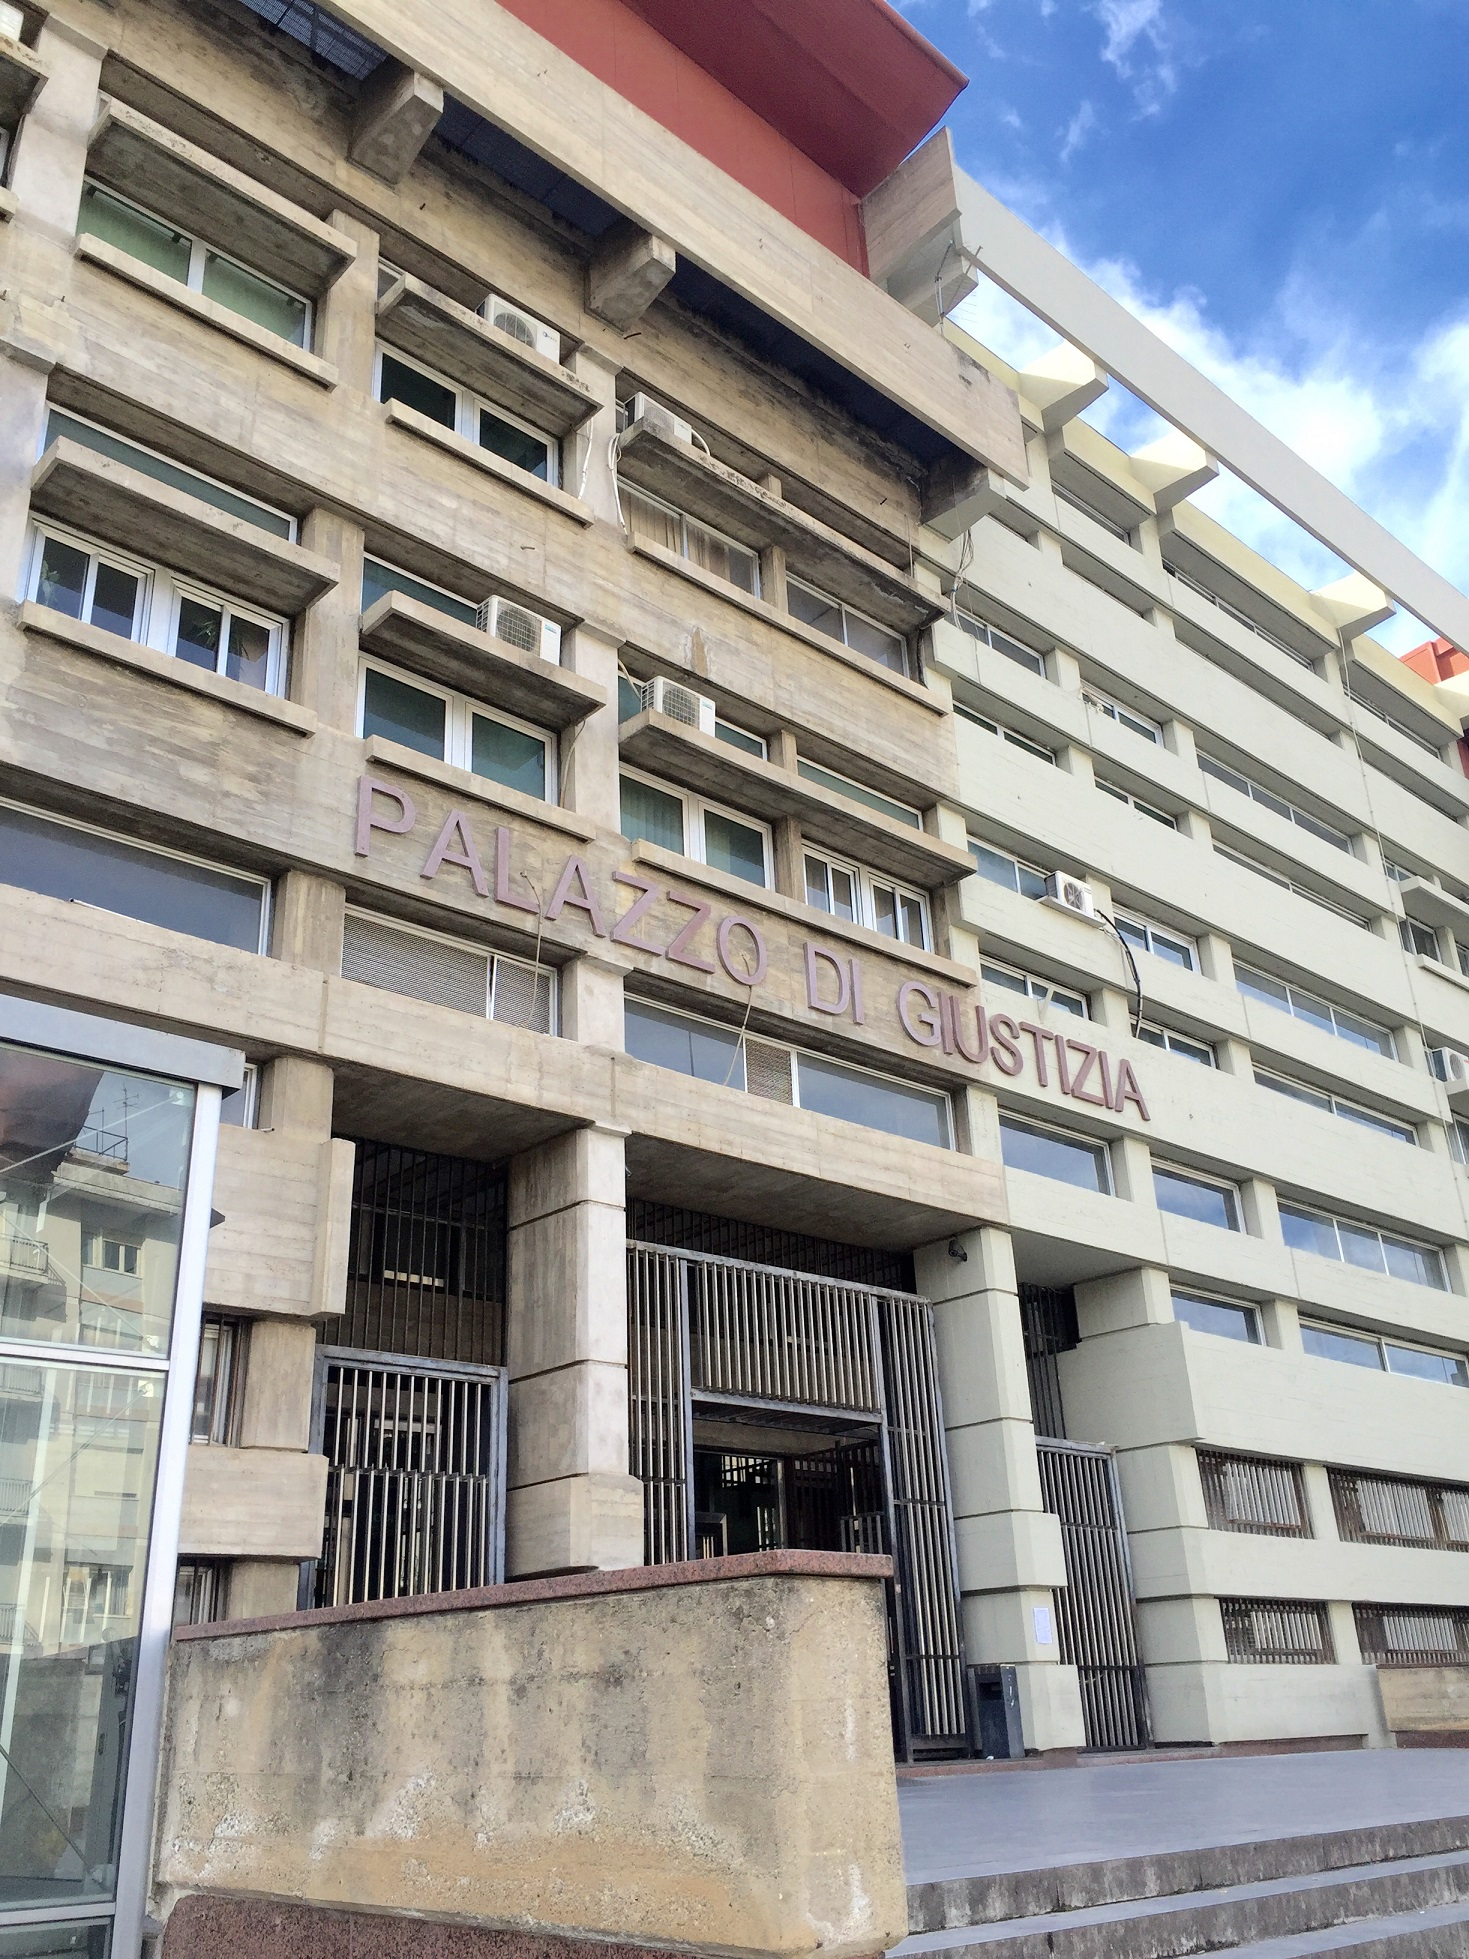 Giornalista suicida, pm chiede quattro anni di carcereper l'ex editore calabrese Piero Citrigno